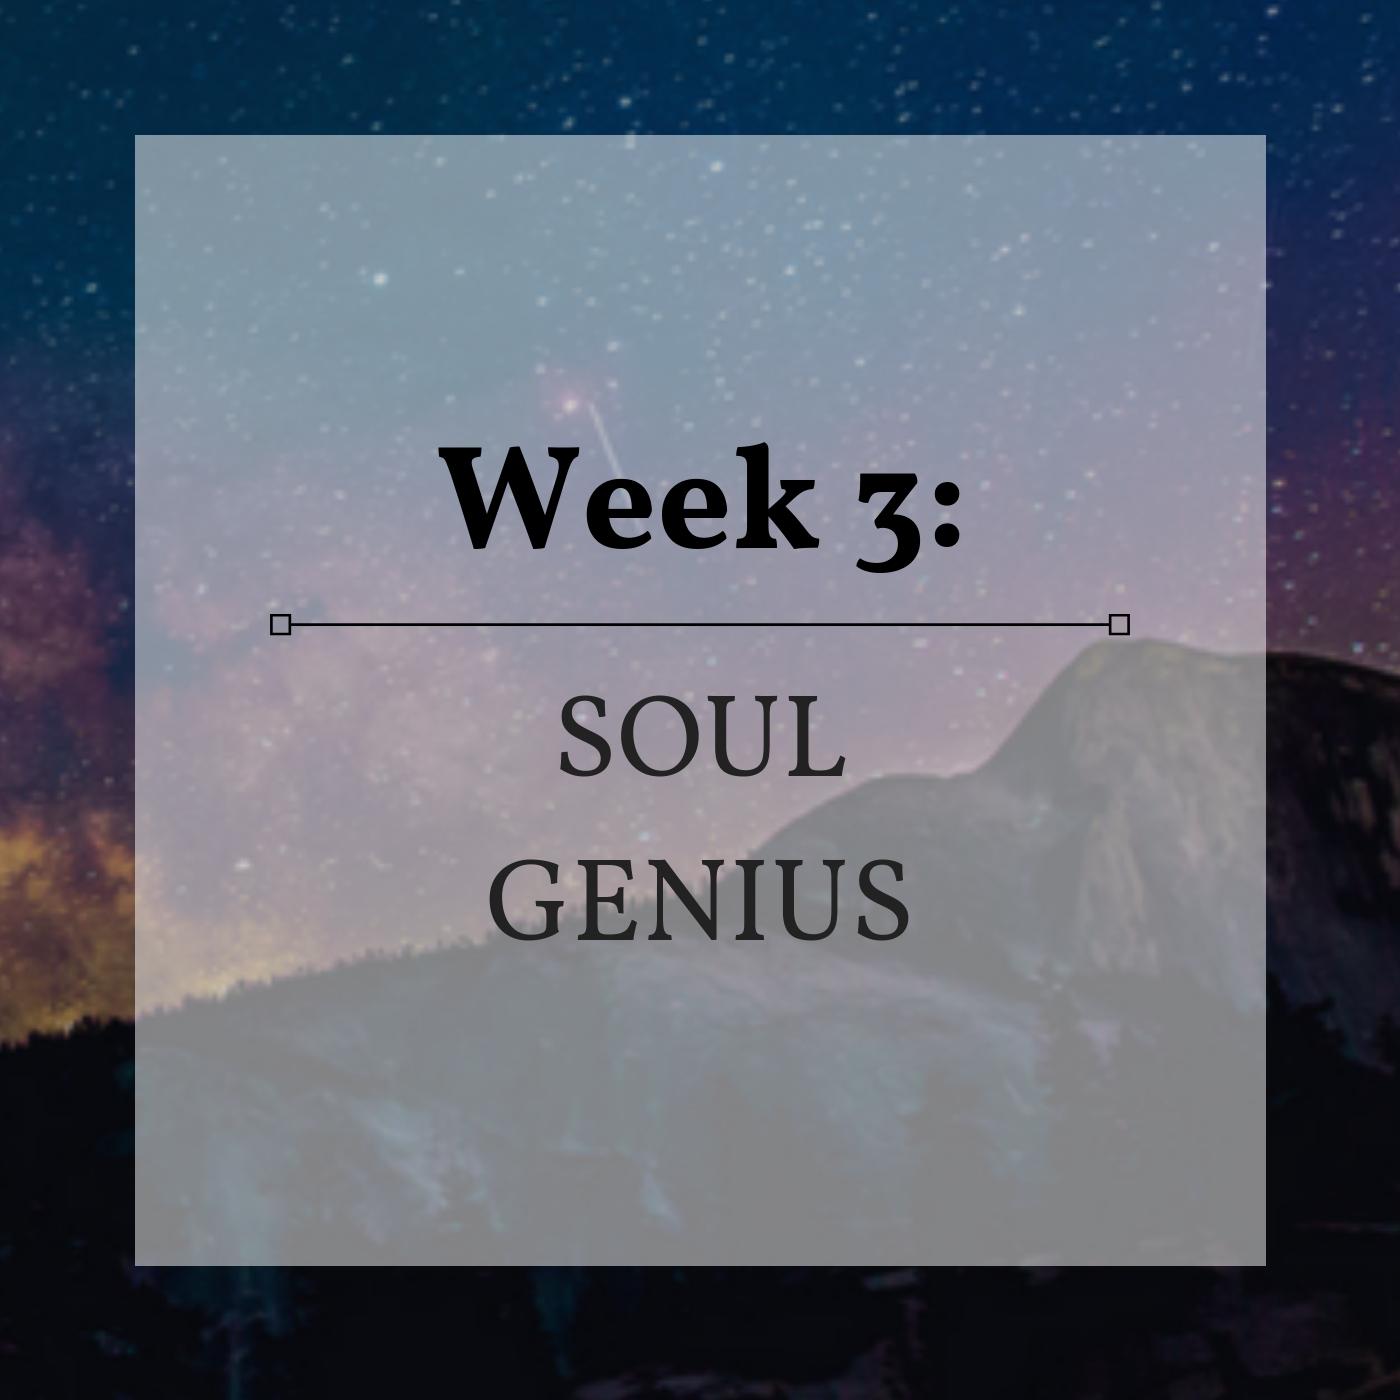 Week 3 Soul Genius